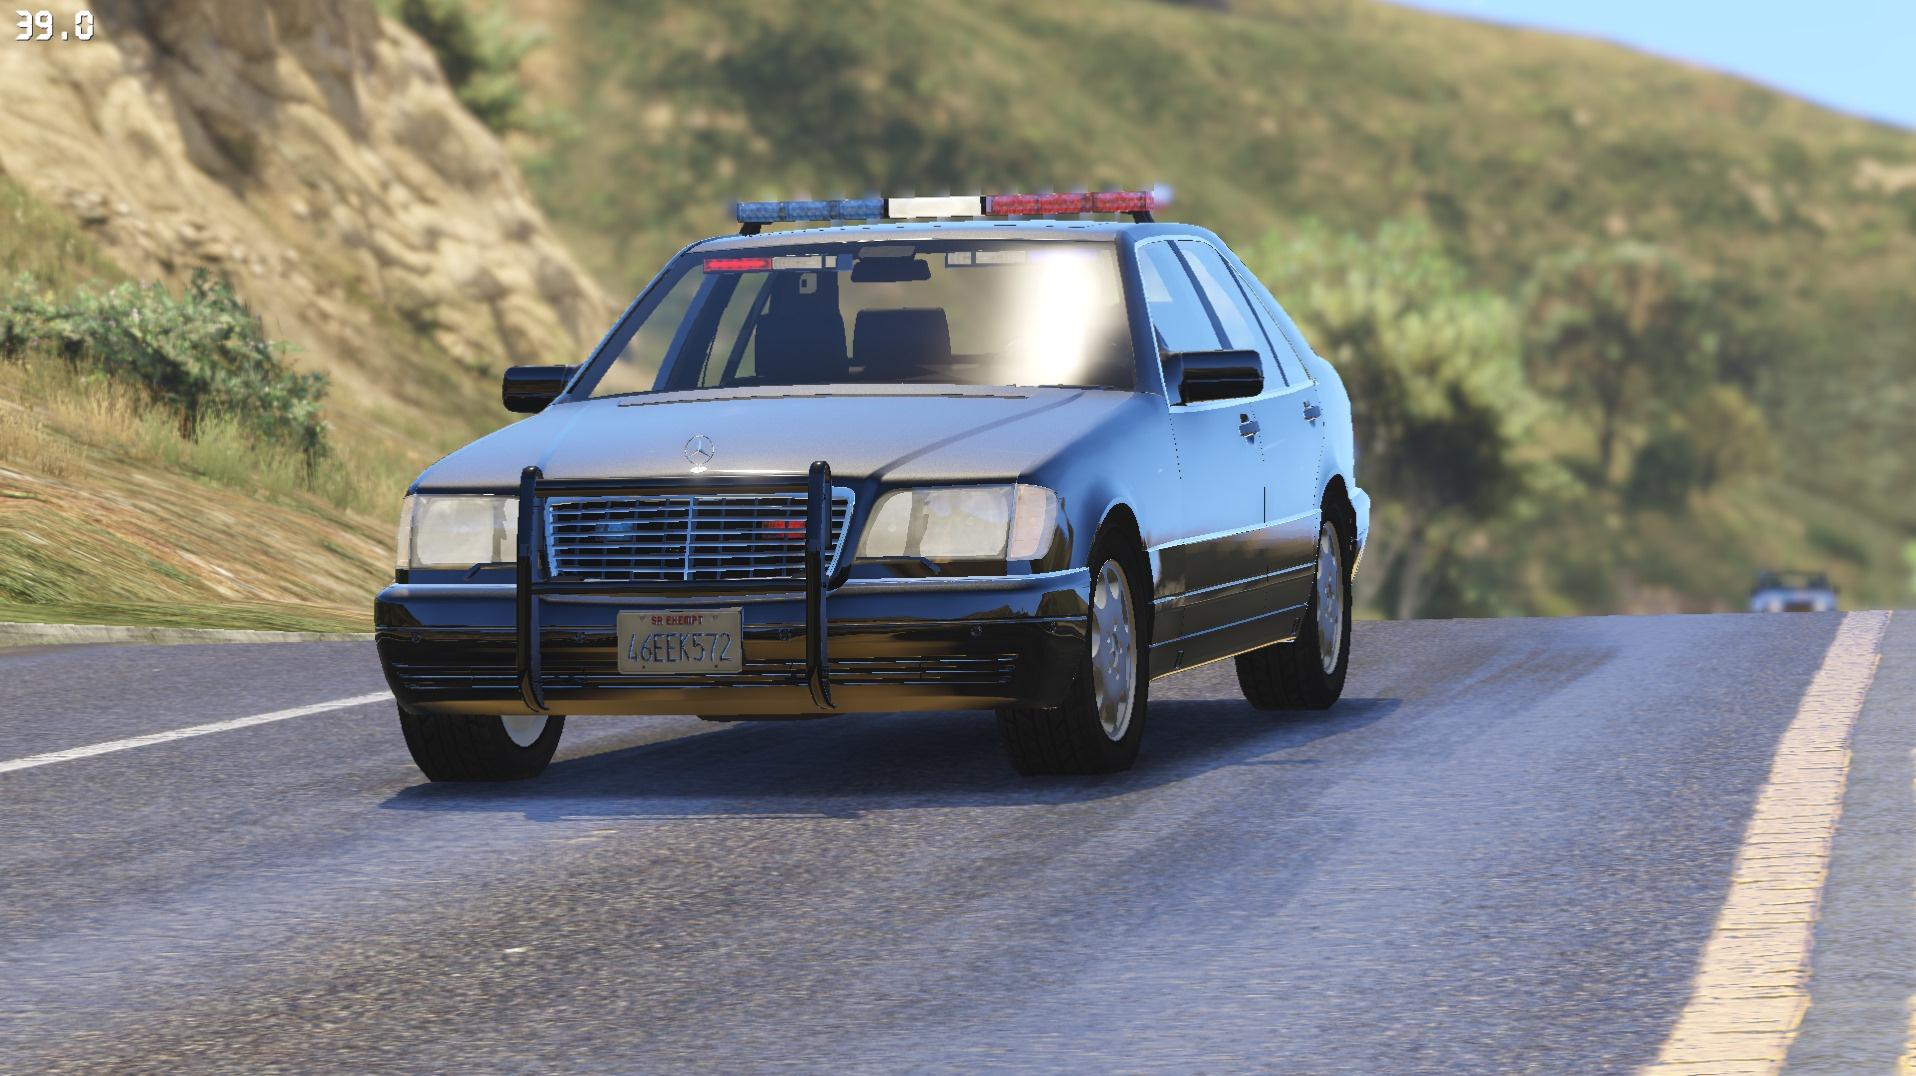 Mercedes-Benz S600 (W140) FBI police - GTA5-Mods.com